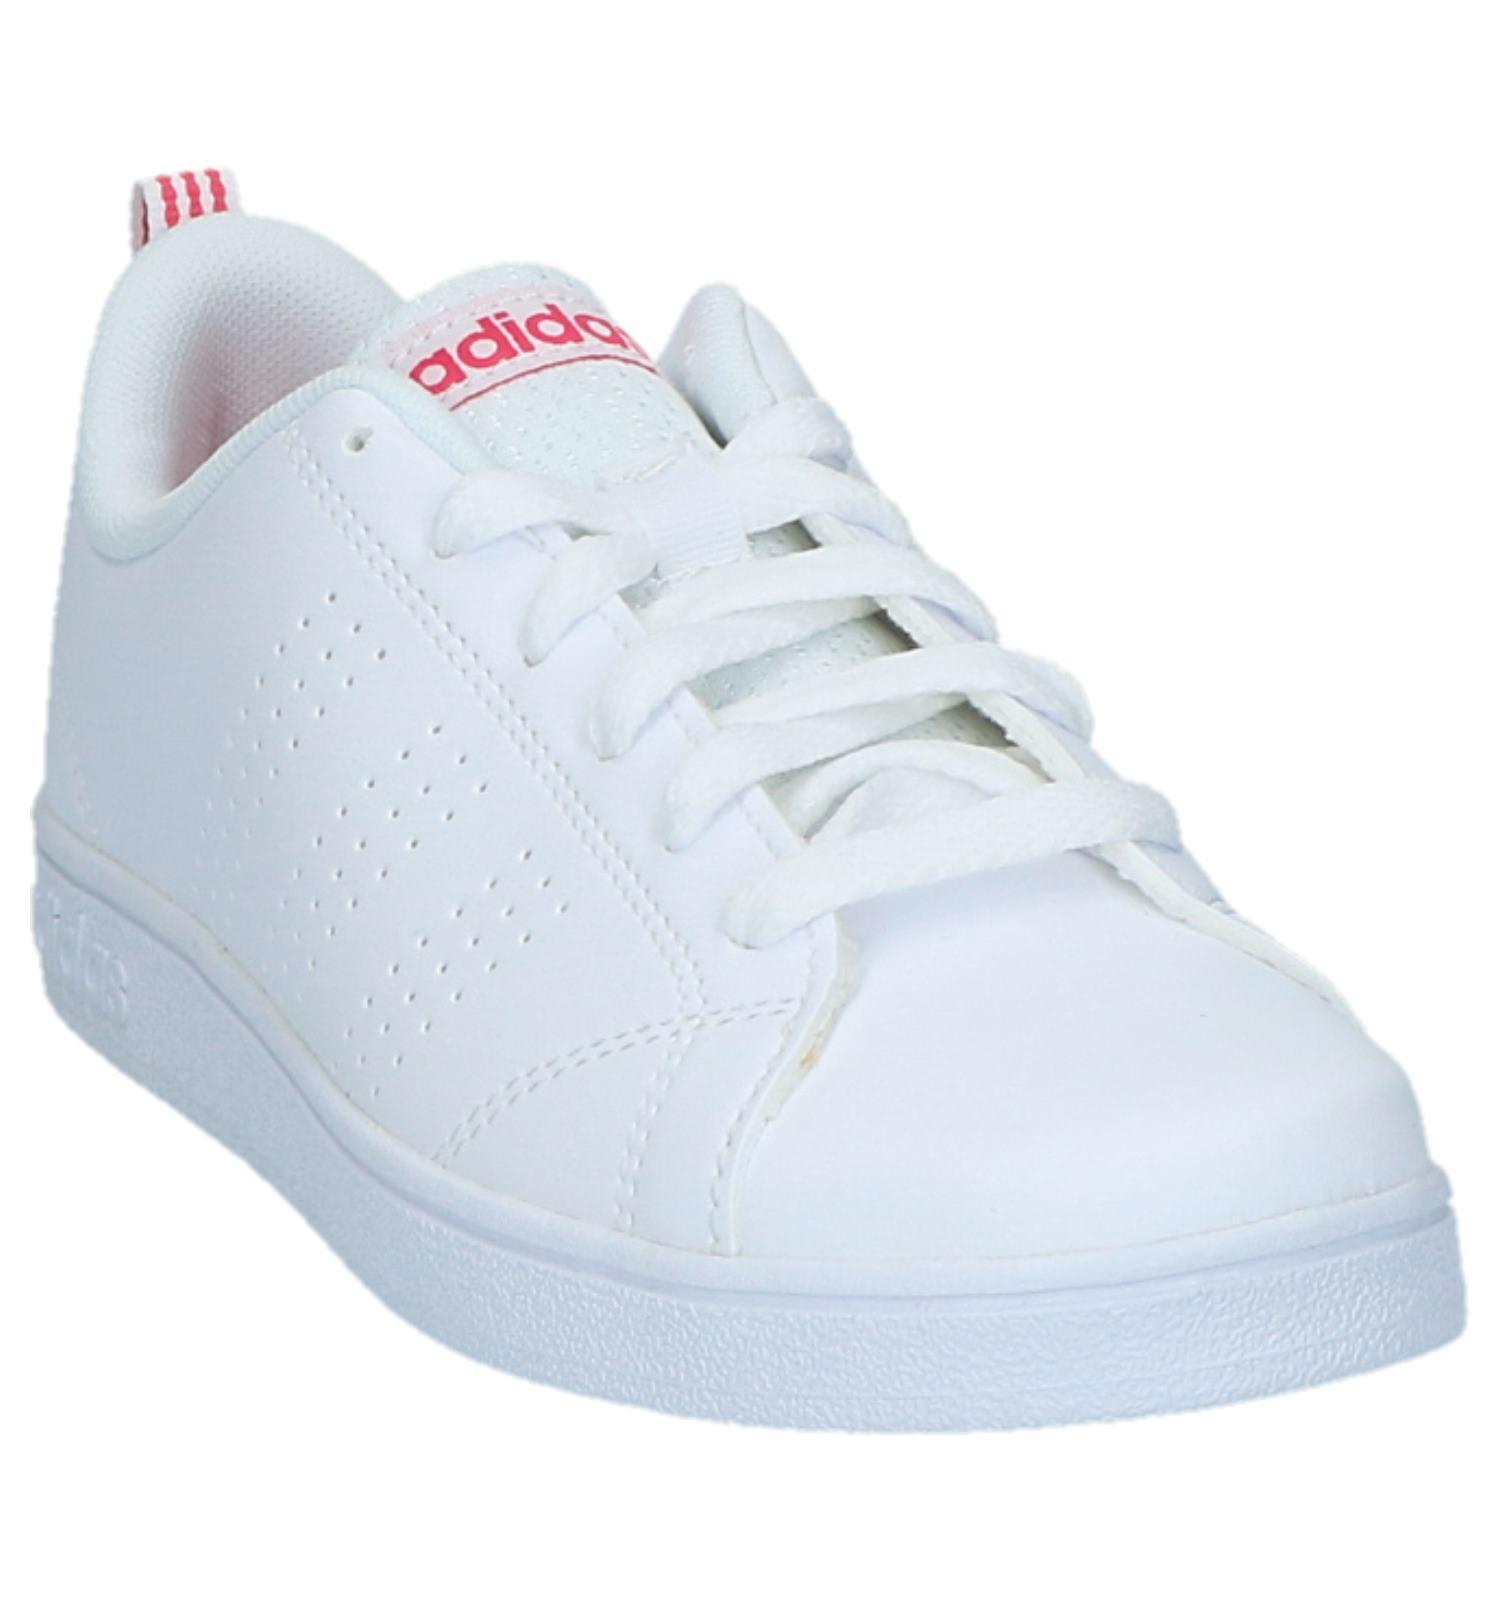 68e341cadf3 Witte Sneakers adidas VS Advantage Clean | TORFS.BE | Gratis verzend en  retour